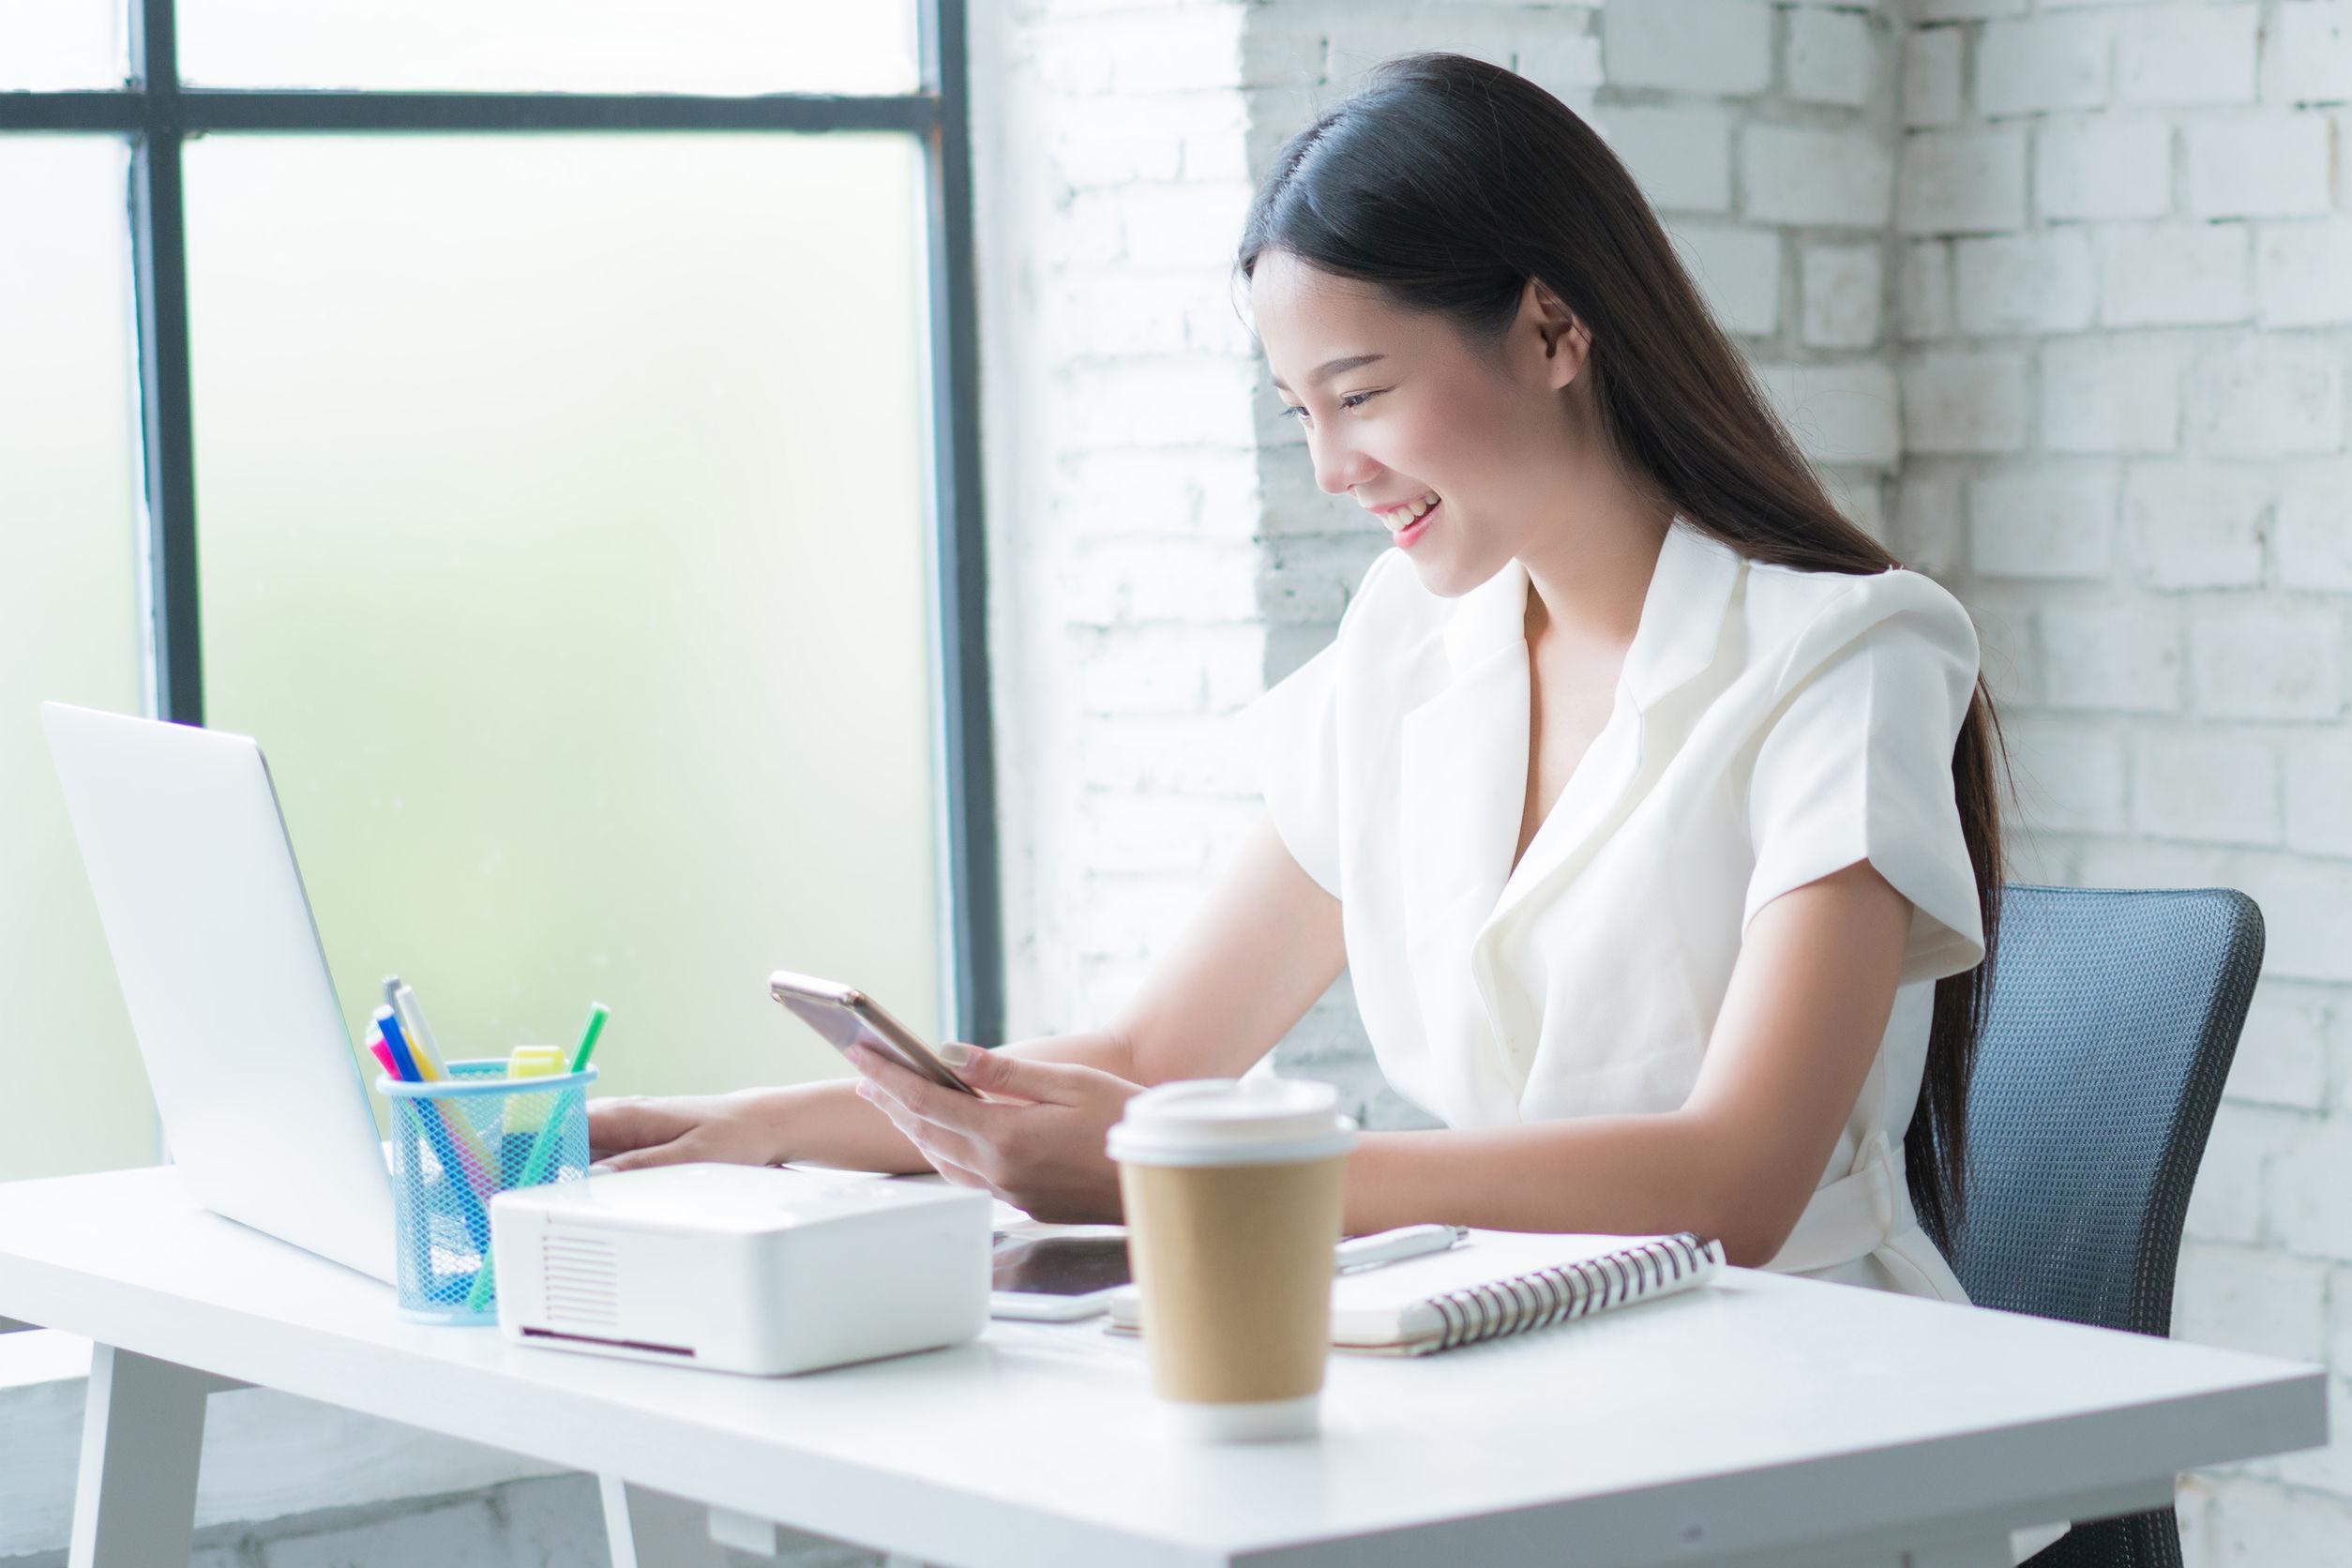 Mujere asiática trabajan ahora en el escritorio de su casa es feliz.